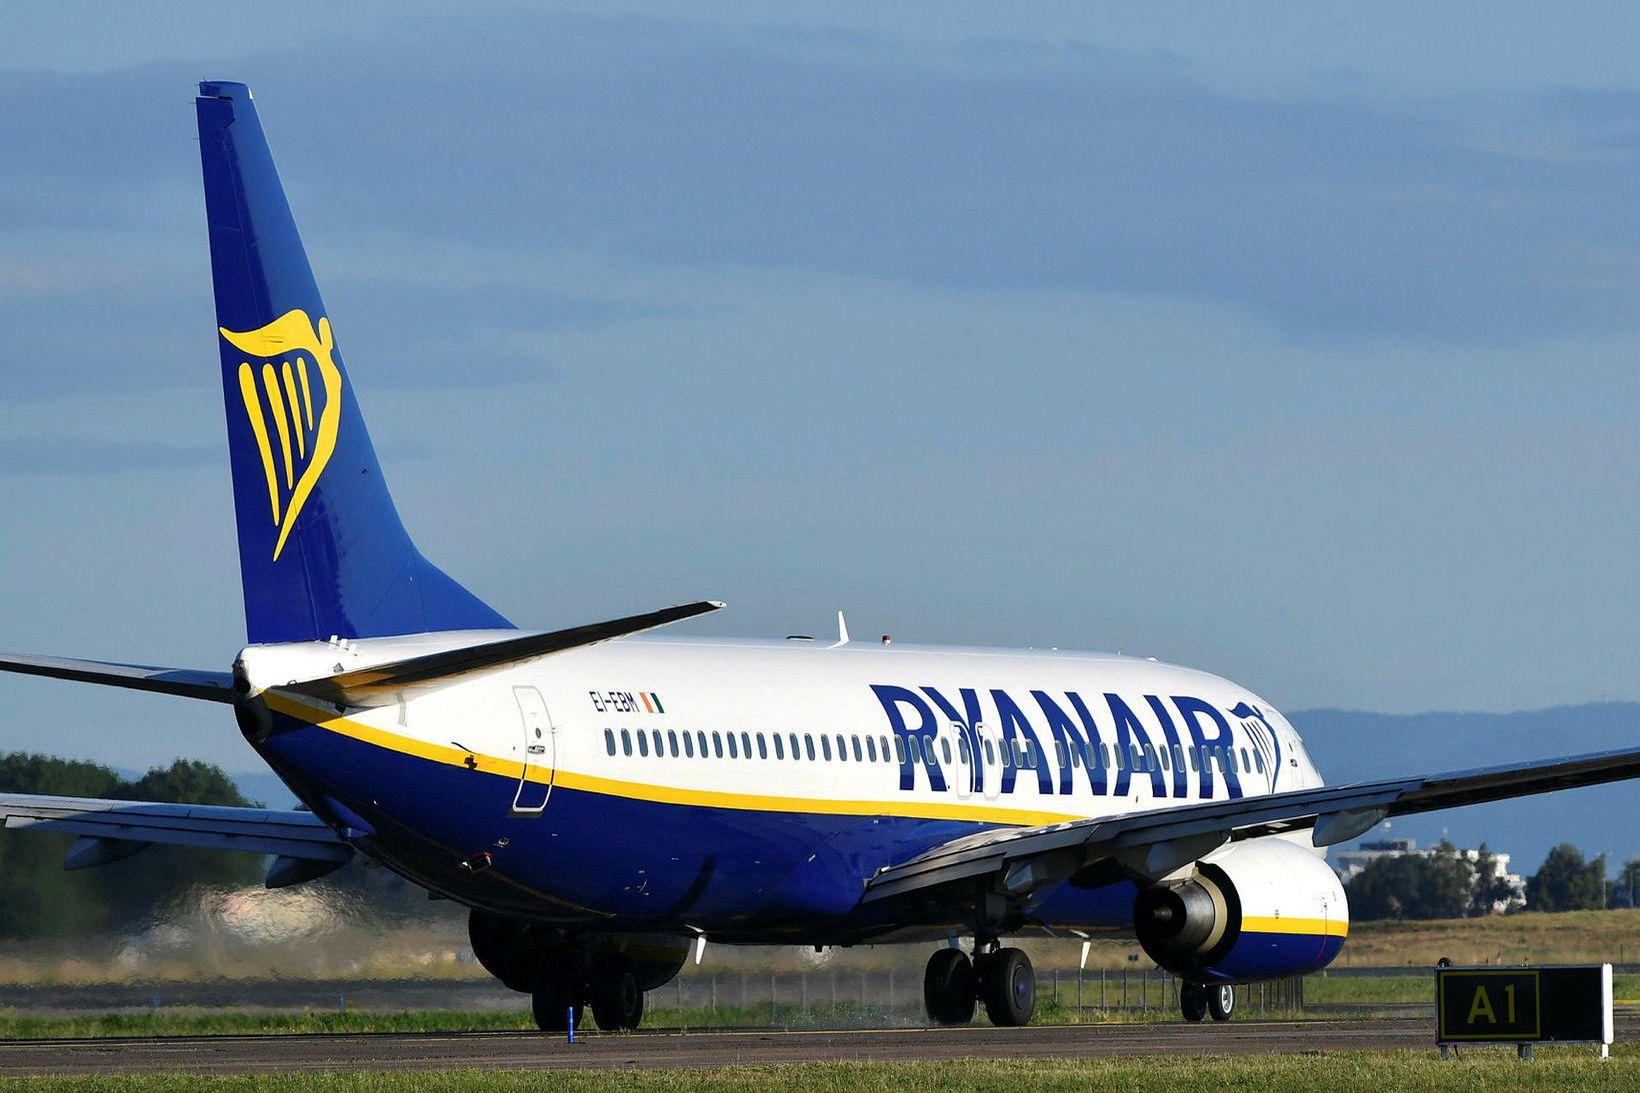 Boeing 737-vél frá Ryanair á Fiumicino-flugvellinum í Róm í fyrra.